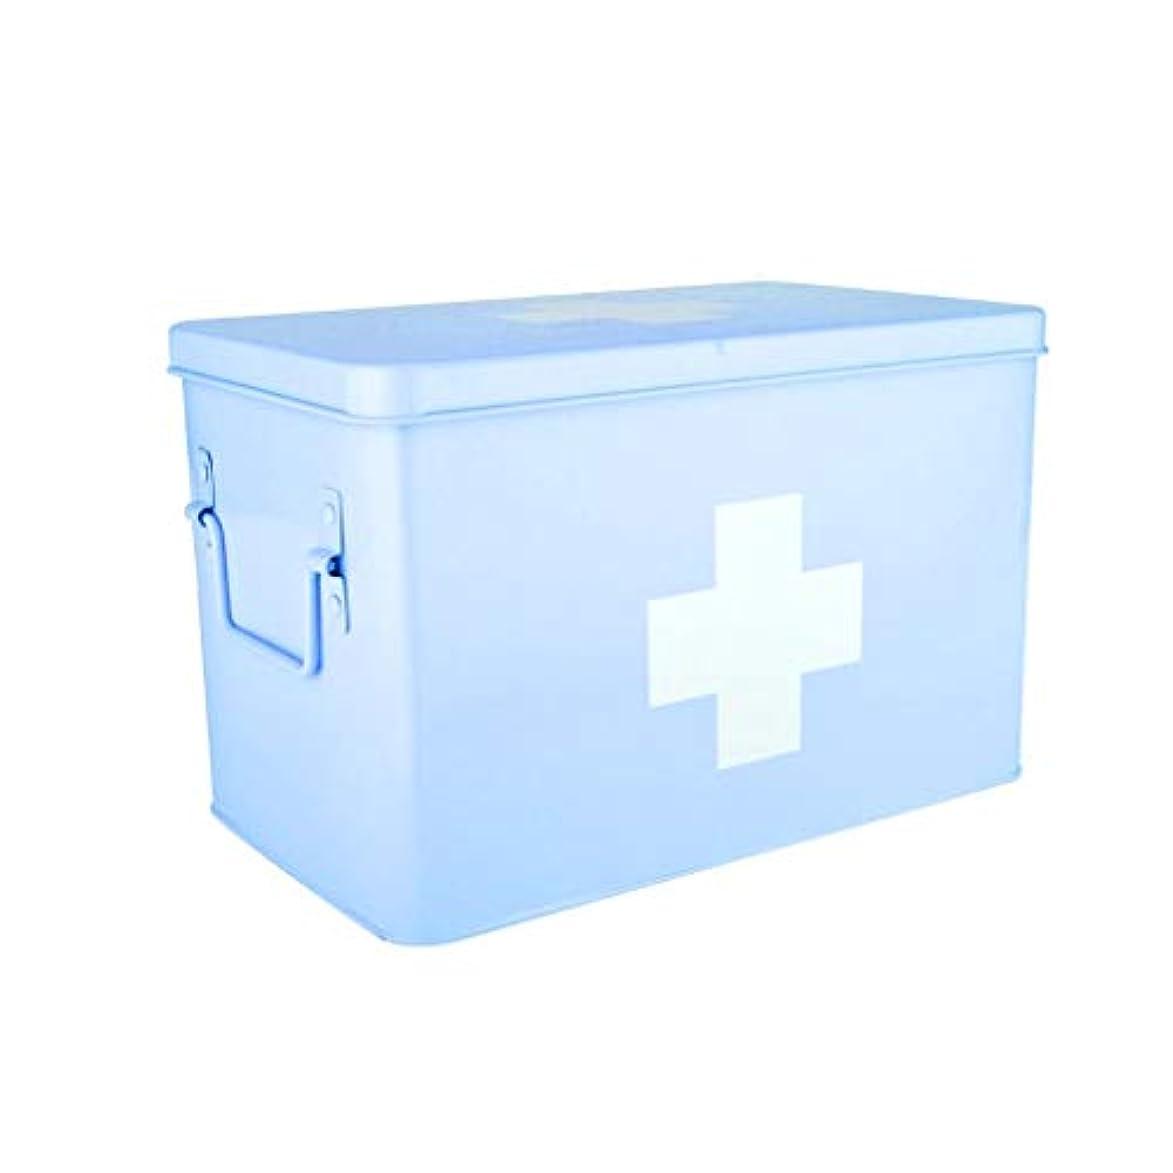 作業通り抜ける写真を描くDjyyh 二重層および2つのコンパートメントが付いている医学の収納箱、金属の救急処置の薬の収納箱 (色 : 青, サイズ さいず : S s)